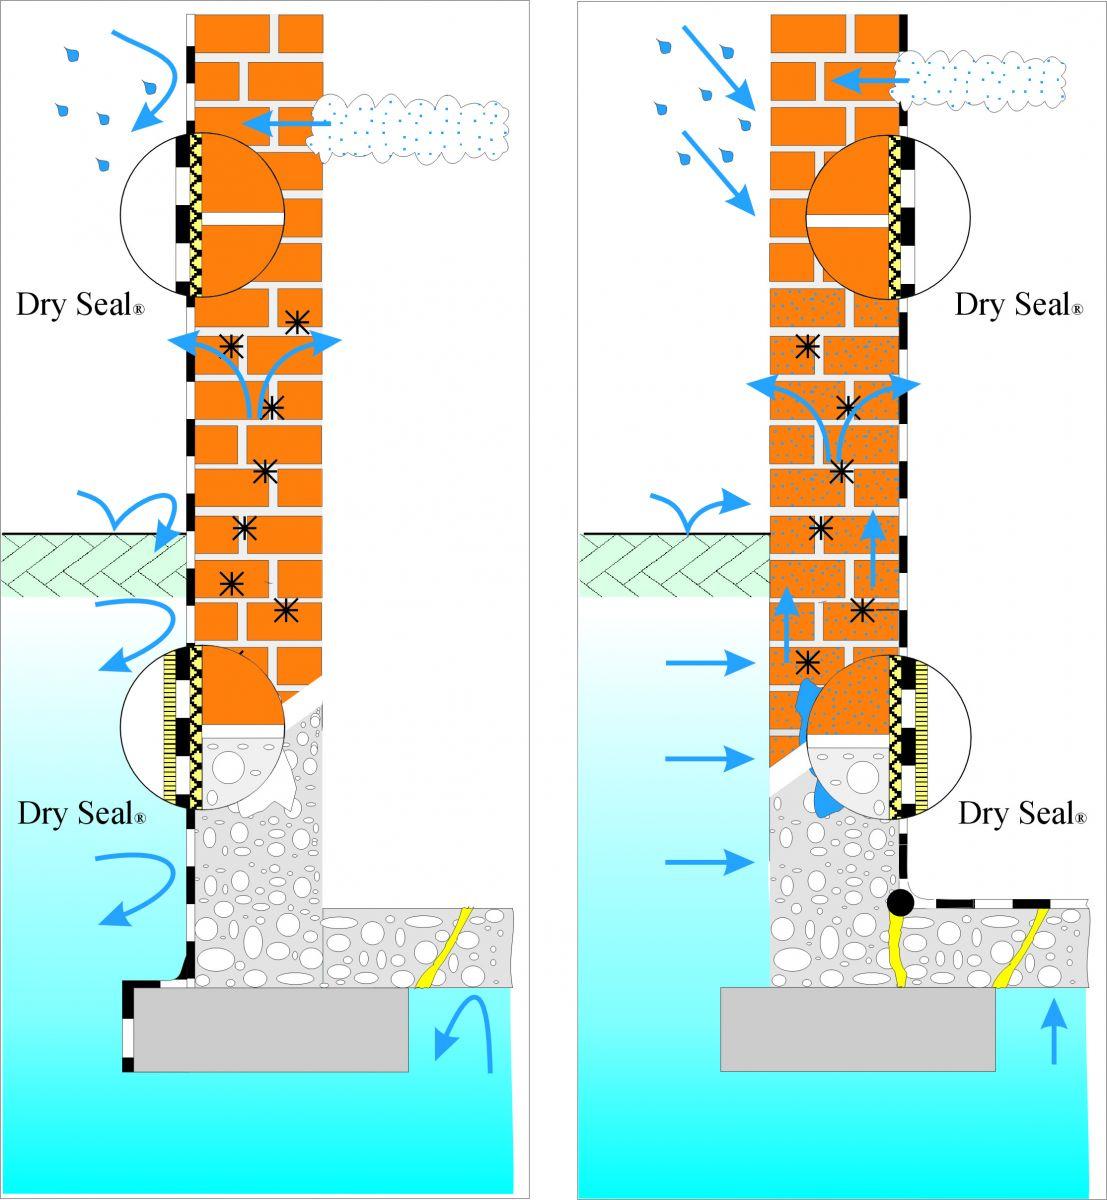 Aangetast_stucwerk_Dry_Seal_2